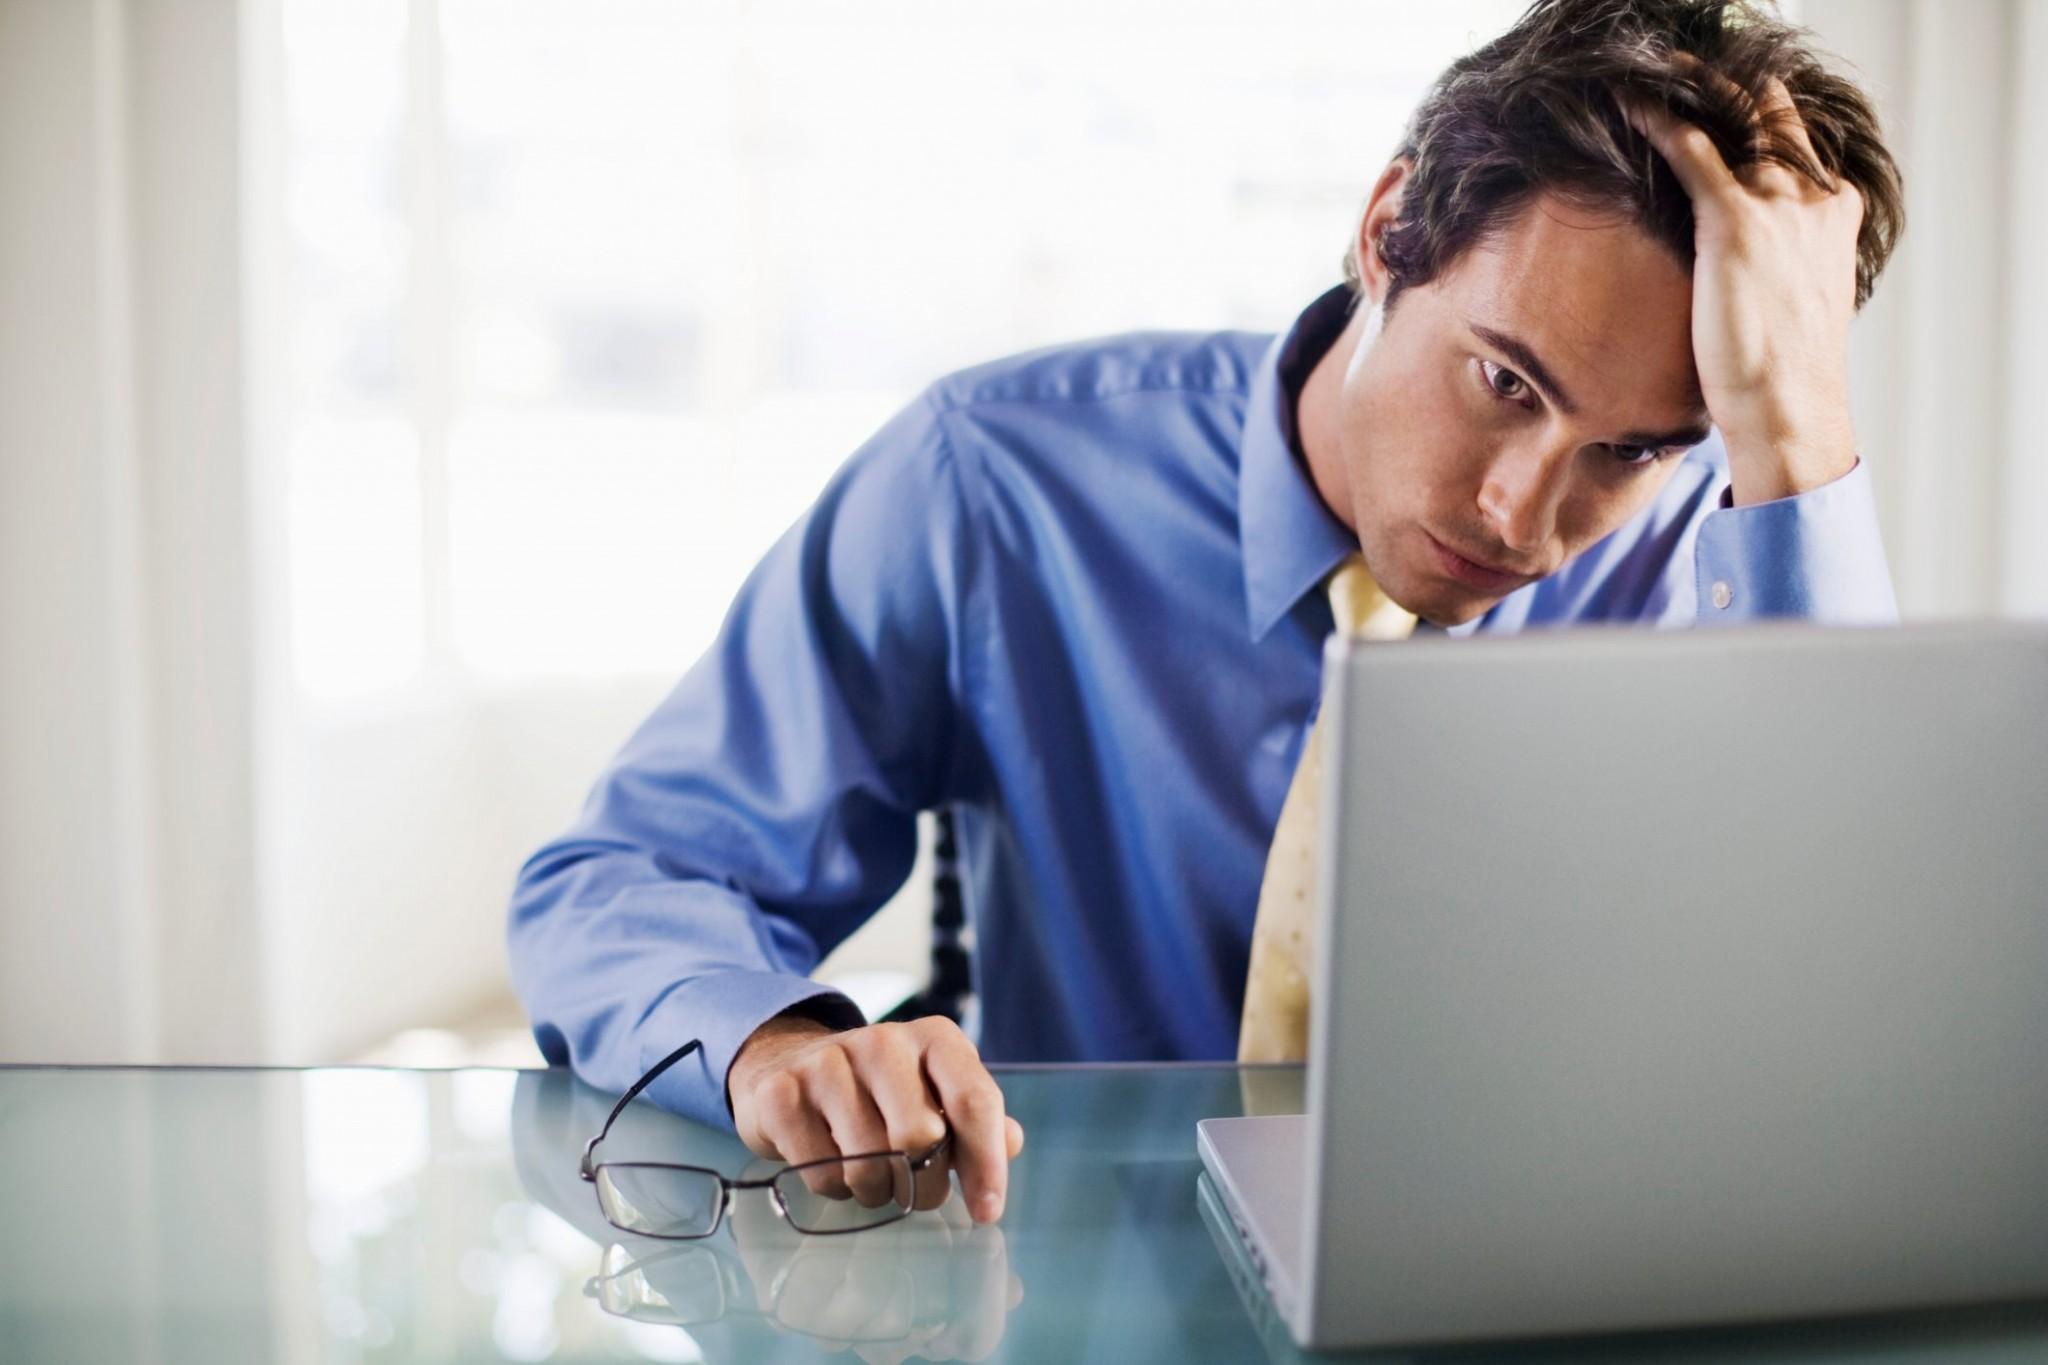 laptop tidak bisa mati, cara mengatasi laptop tidak bisa mati tombol power lampu menyala. cara mengatasi laptop tidak bisa mati , cara mengatasi laptop tidak bisa mati saat di shutdown, cara mengatasi laptop yang tidak bisa mati, cara mematikan laptop yang tidak bisa mati, cara mengatasi laptop tidak mau dimatikan, cara memperbaiki laptop yang tidak bisa mati